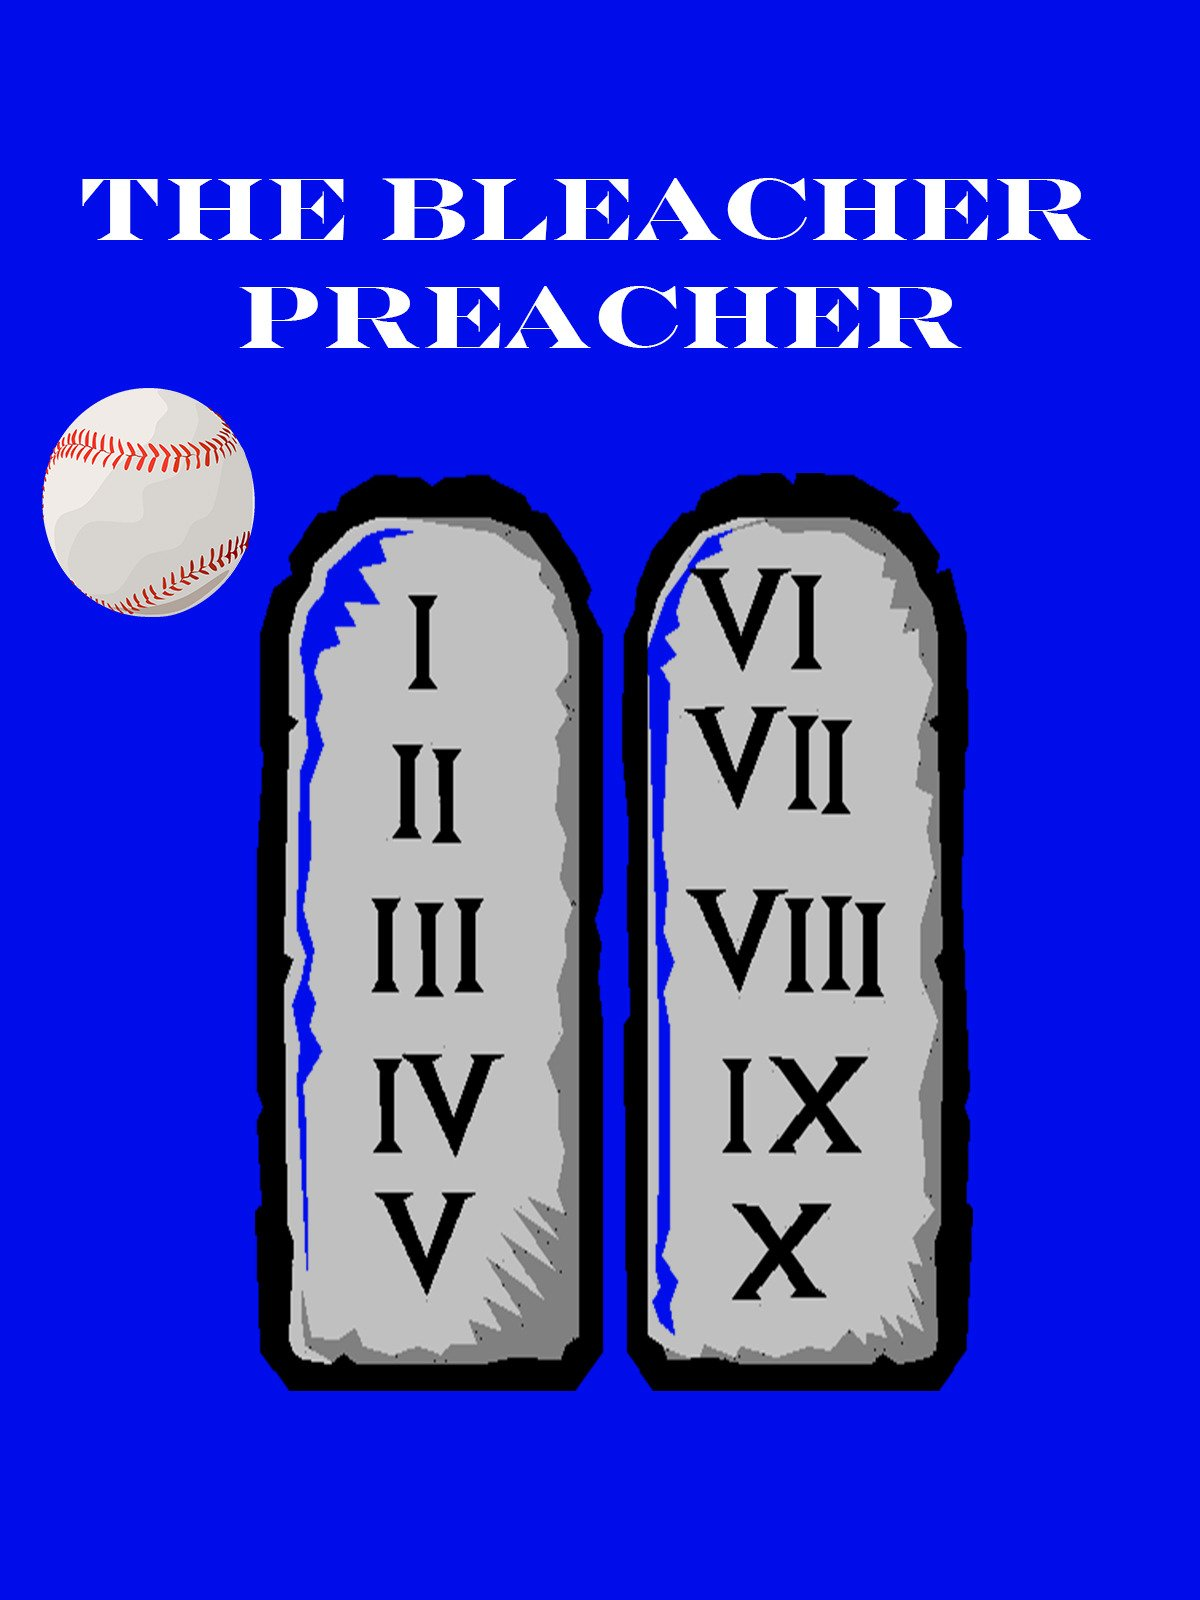 The Bleacher Preacher